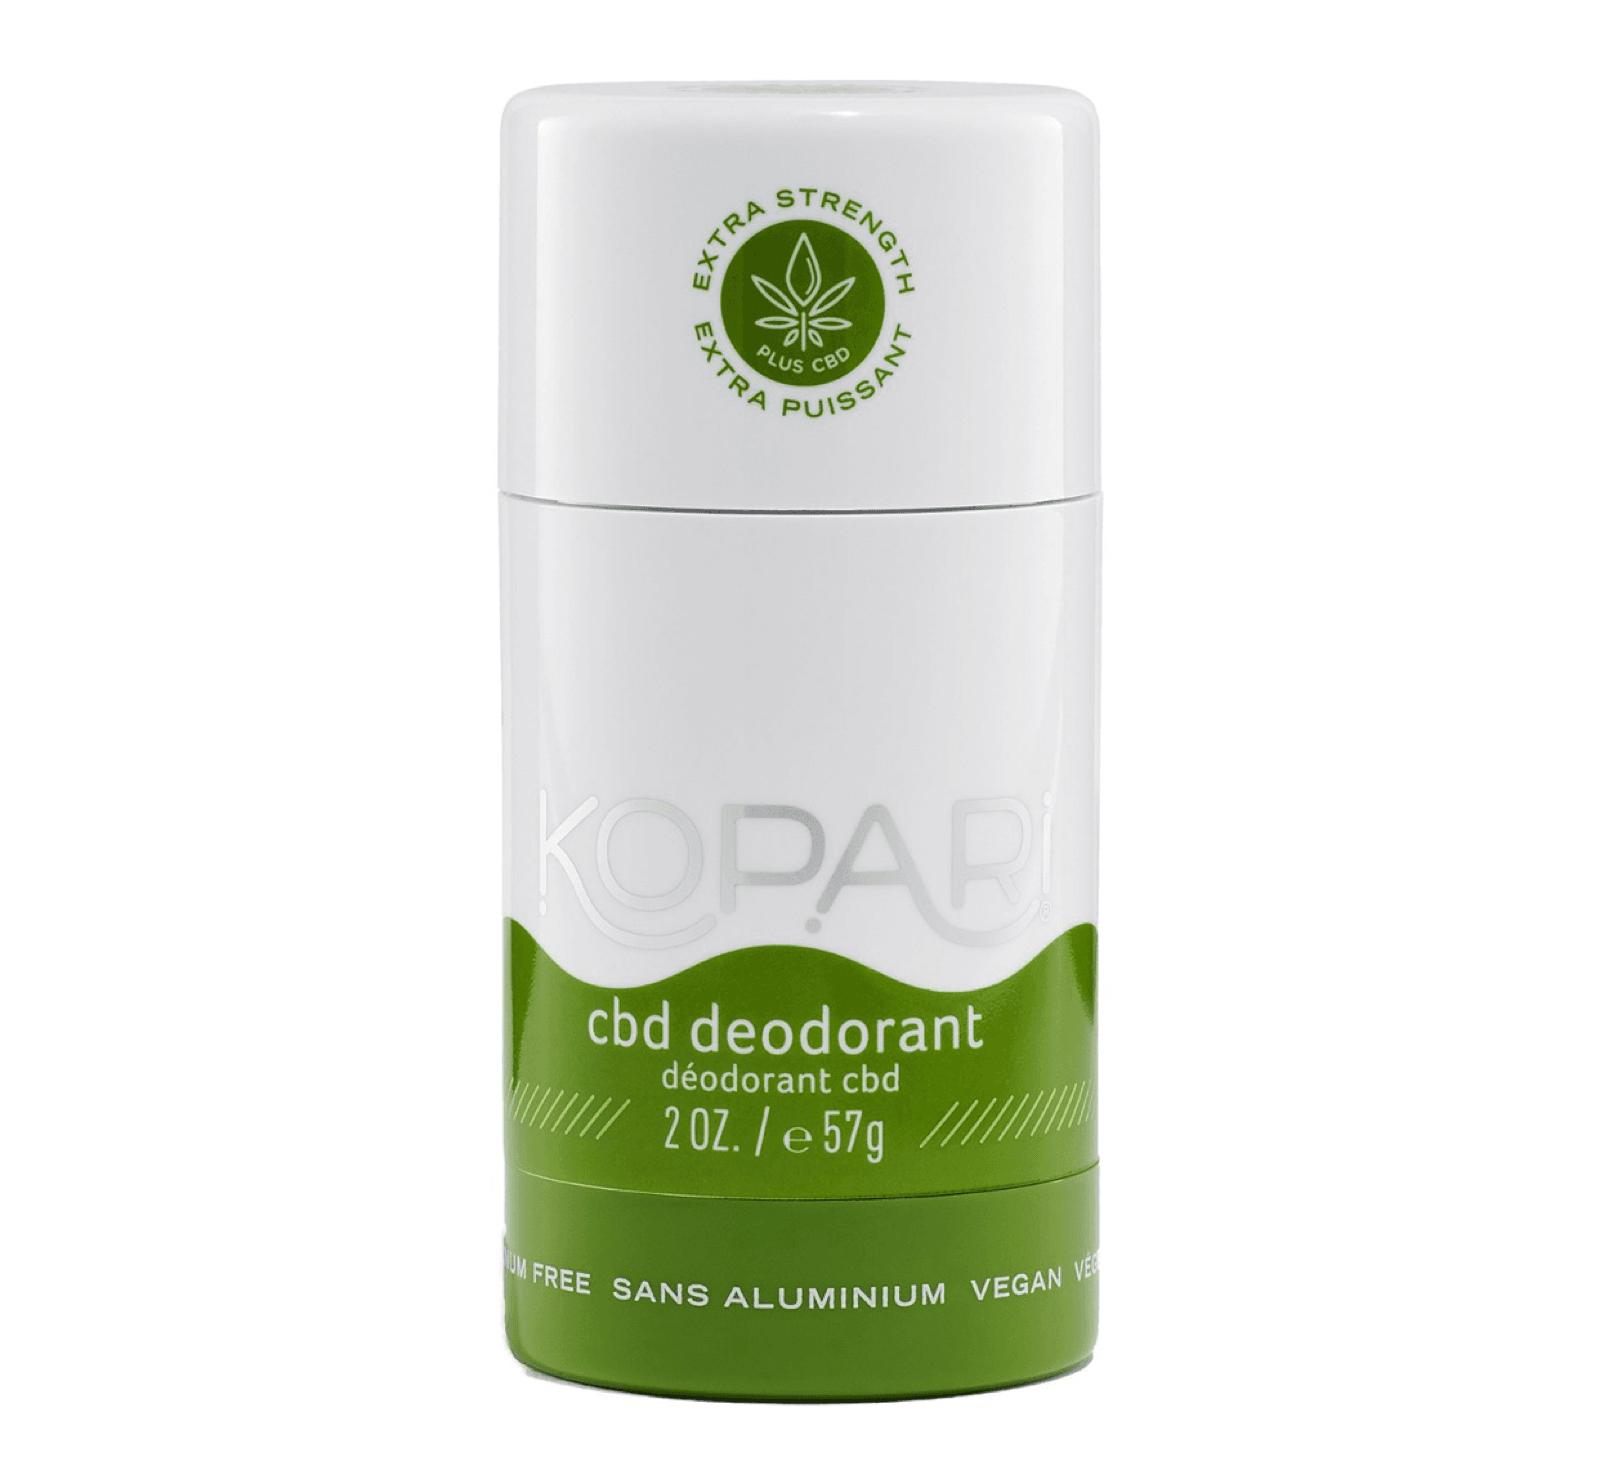 Kopari CBD Deodorant